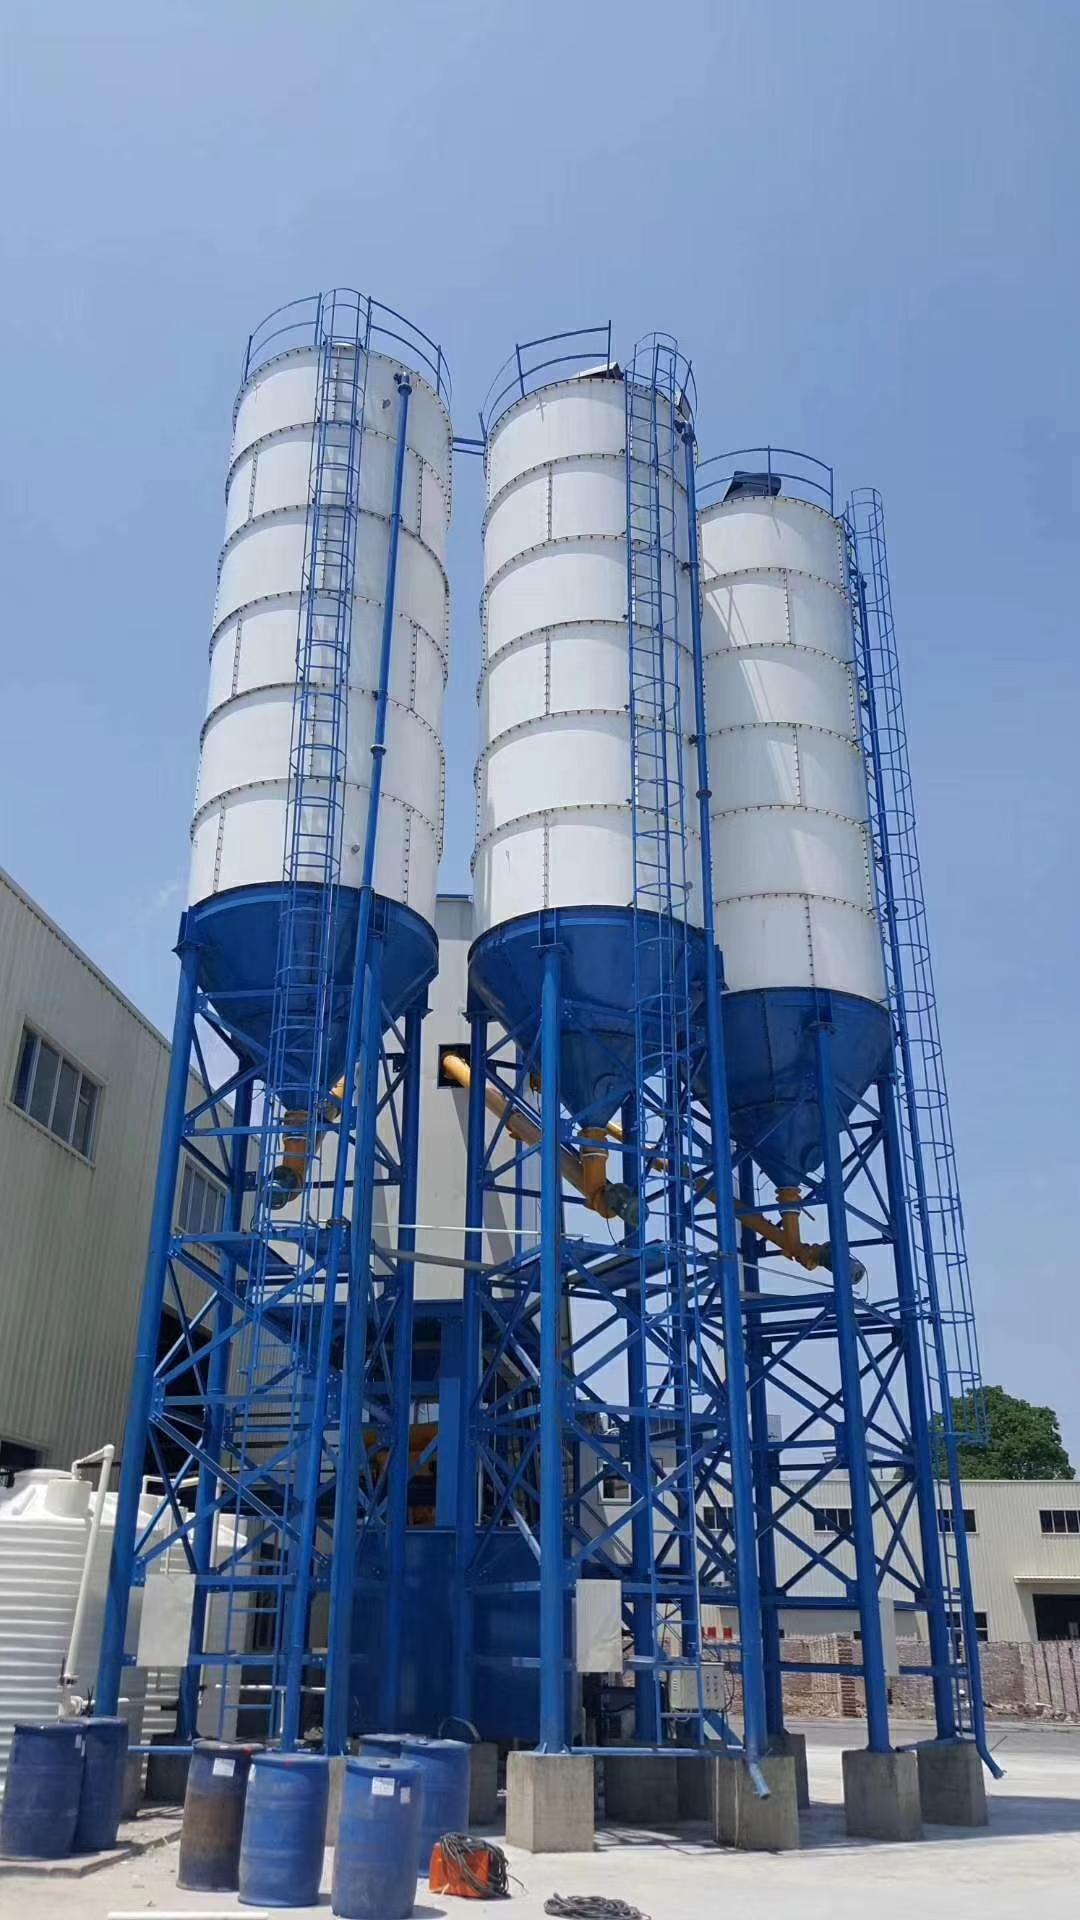 全国供应HZS50-300混凝土搅拌站,混凝土搅拌站图片大全,混凝土搅拌机厂家批发